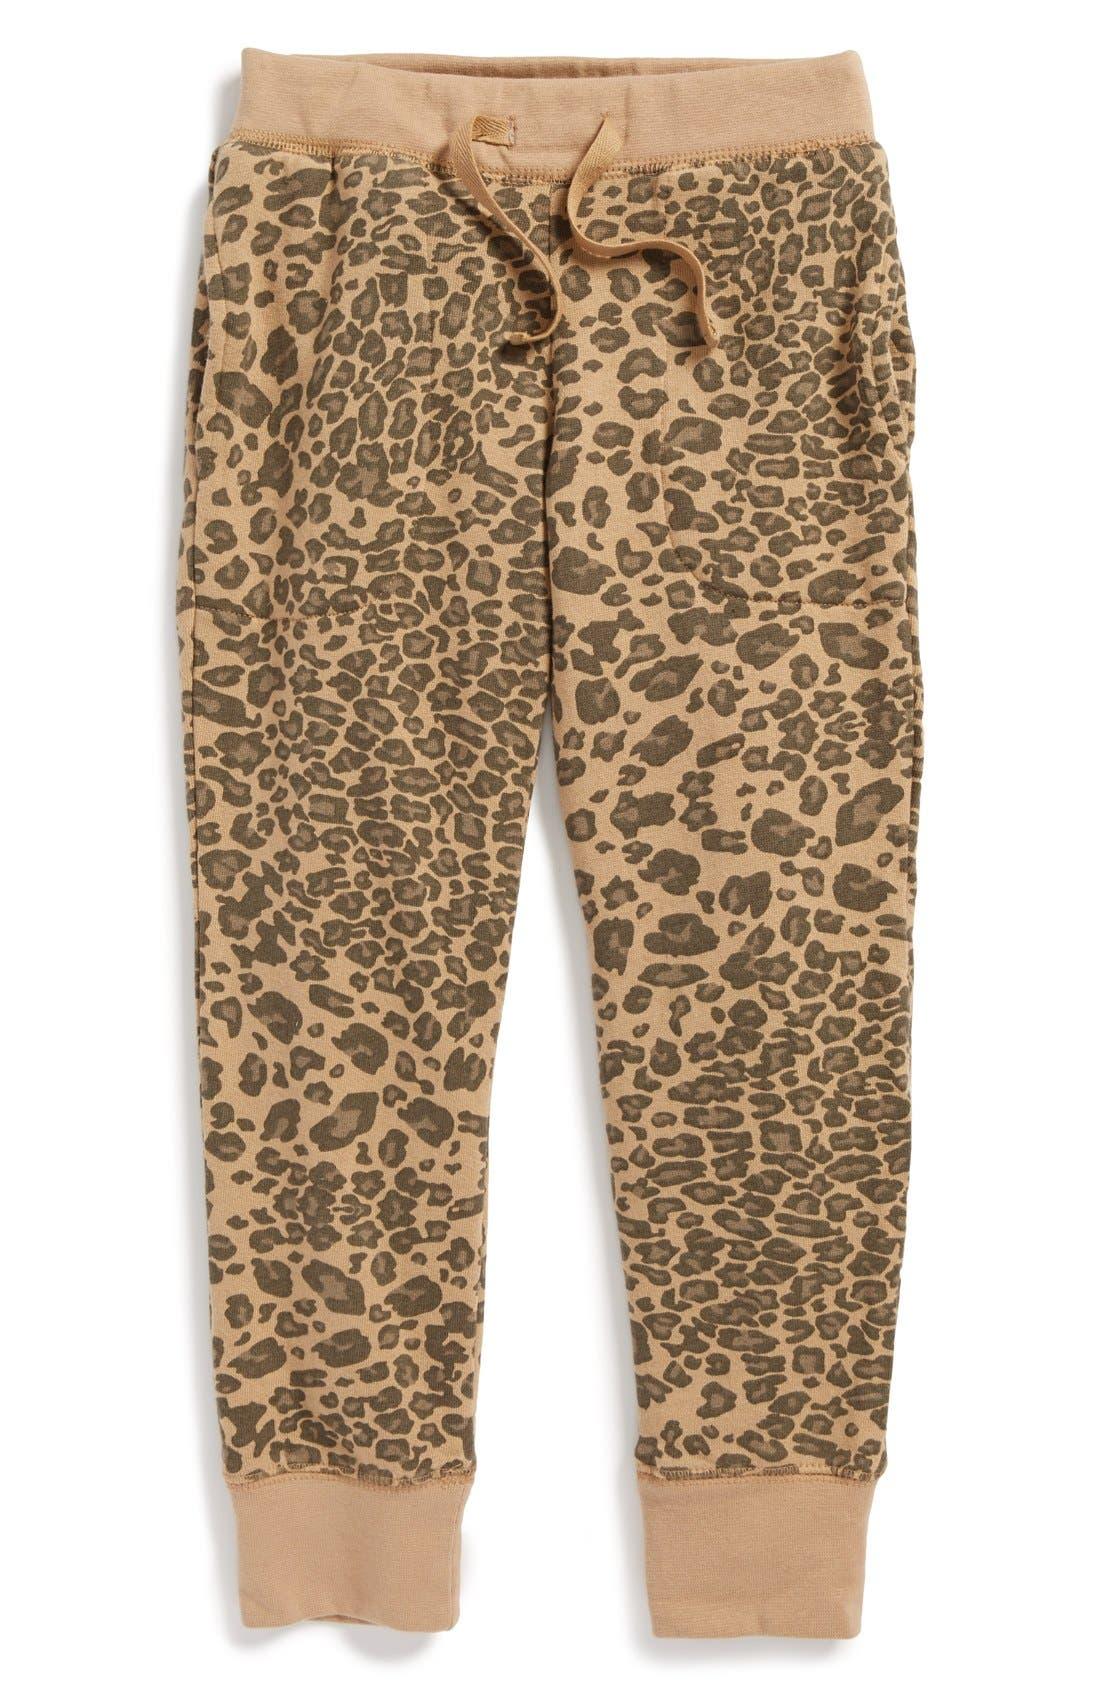 Main Image - Peek 'Luxury' Sweatpants (Toddler Girls, Little Girls & Big Girls)